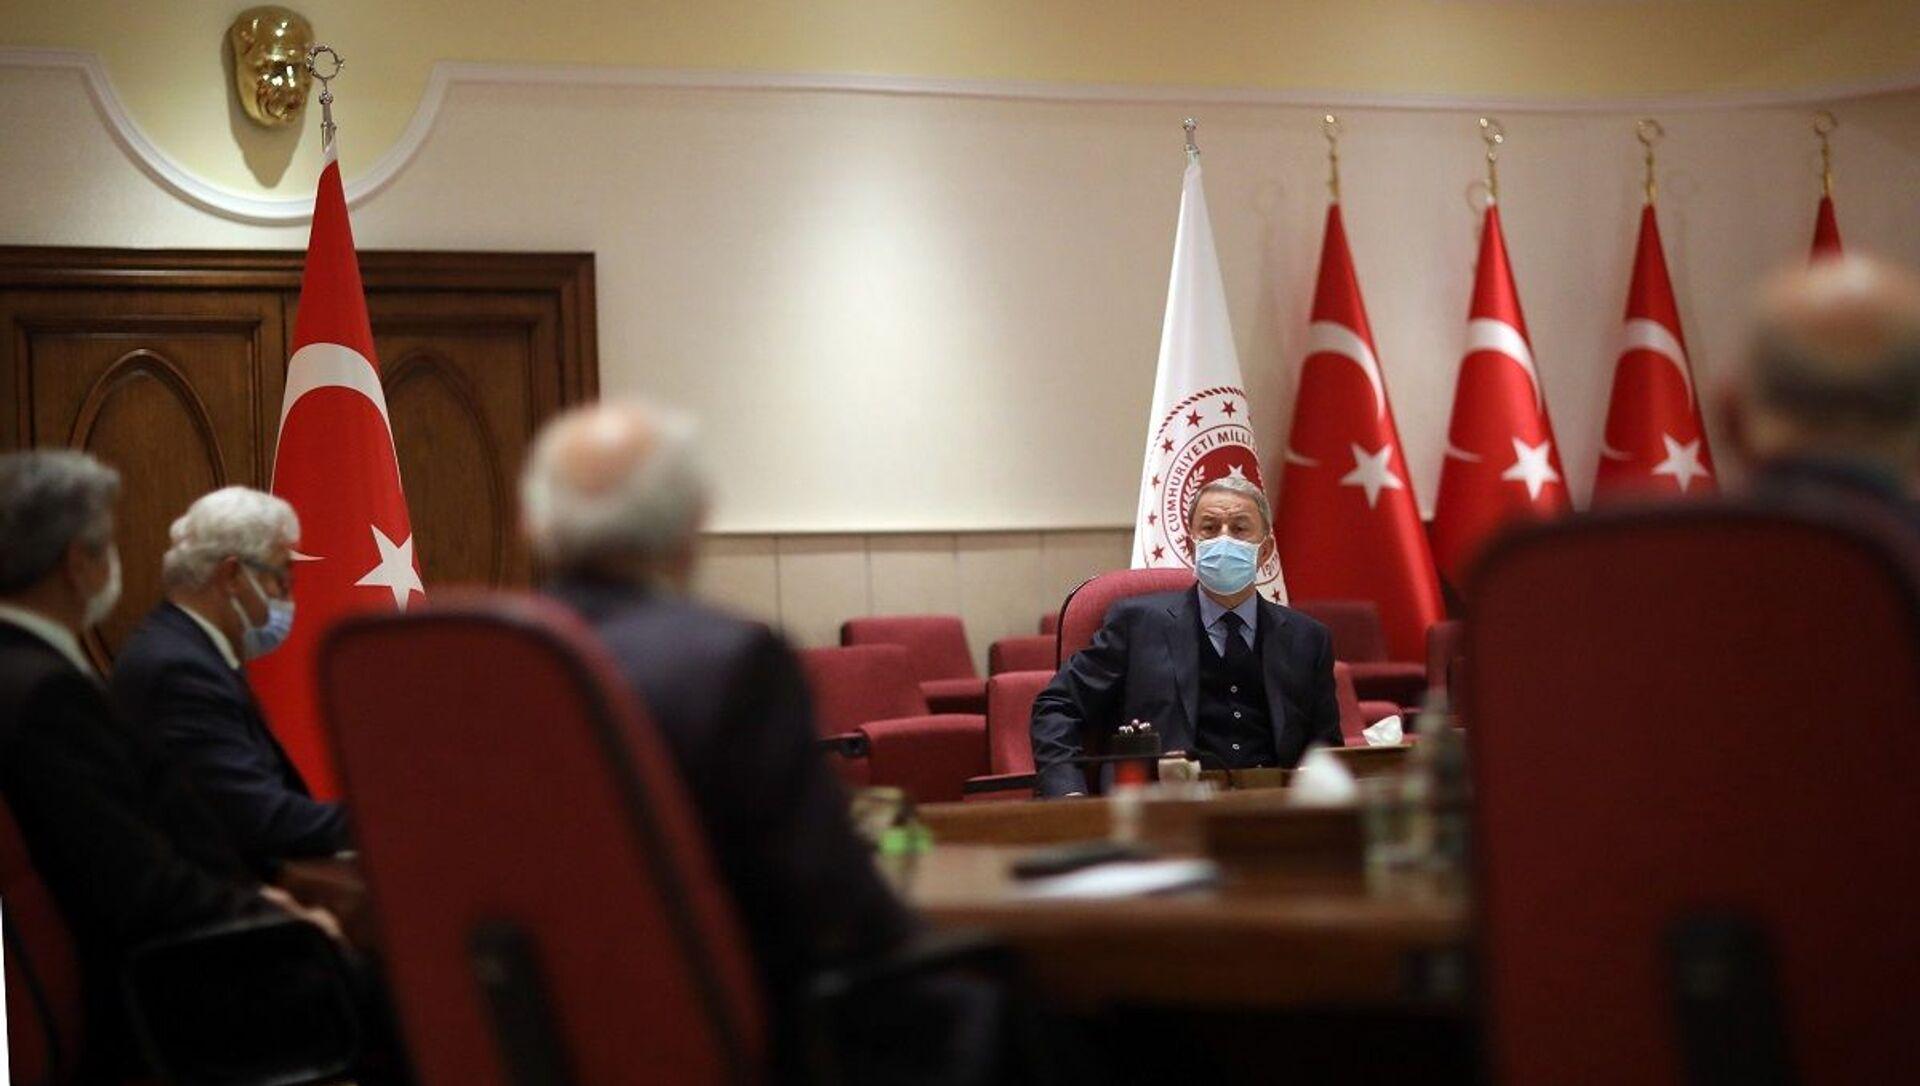 TESUD - Emekli Subaylar Derneği - Milli Savunma Bakanlığı - davet - ziyaret - Sputnik Türkiye, 1920, 05.04.2021